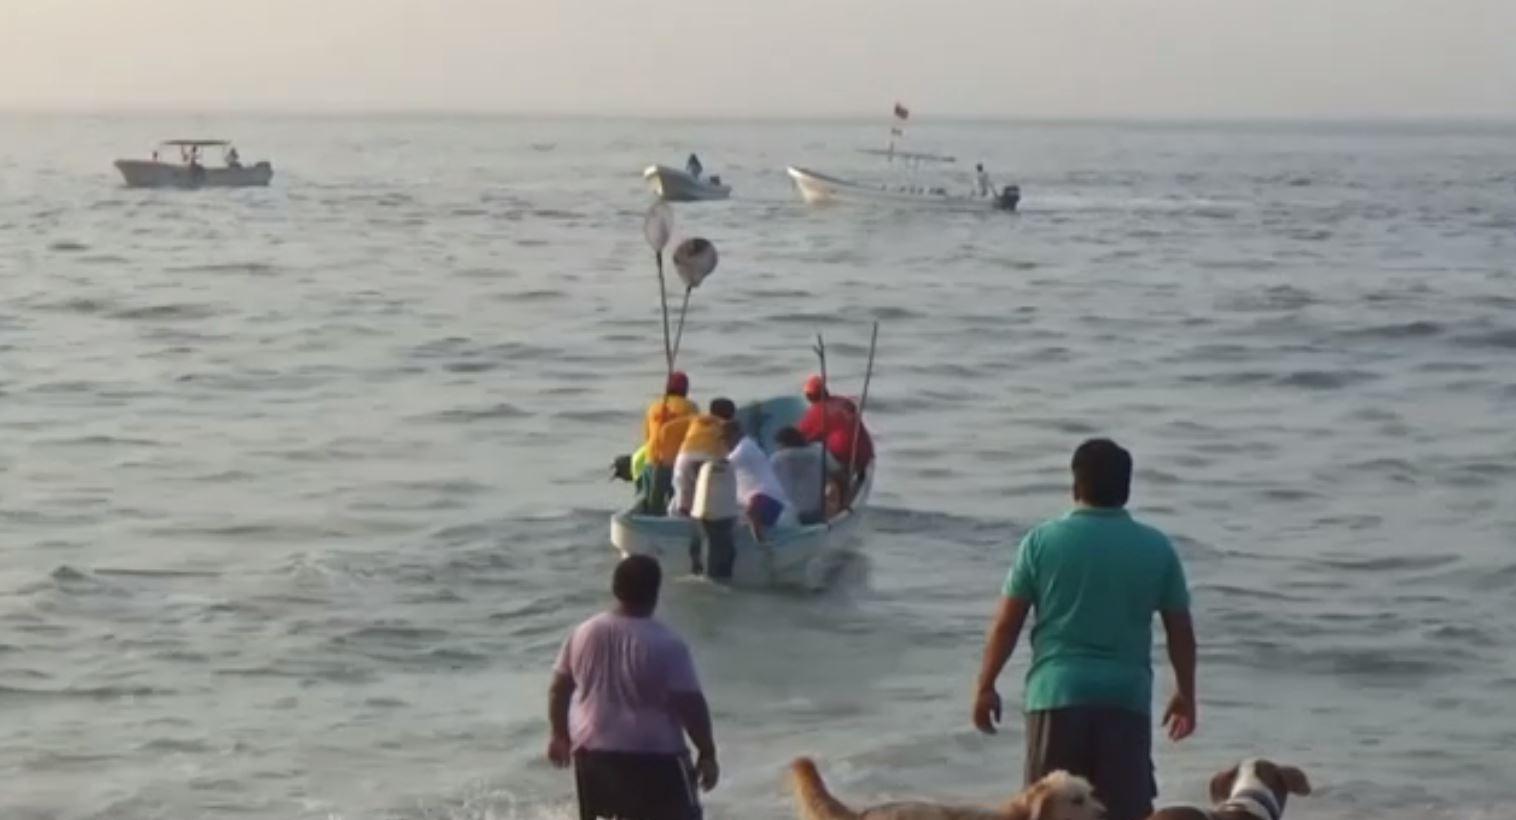 Localiza a embarcación con tres tripulantes a salvo